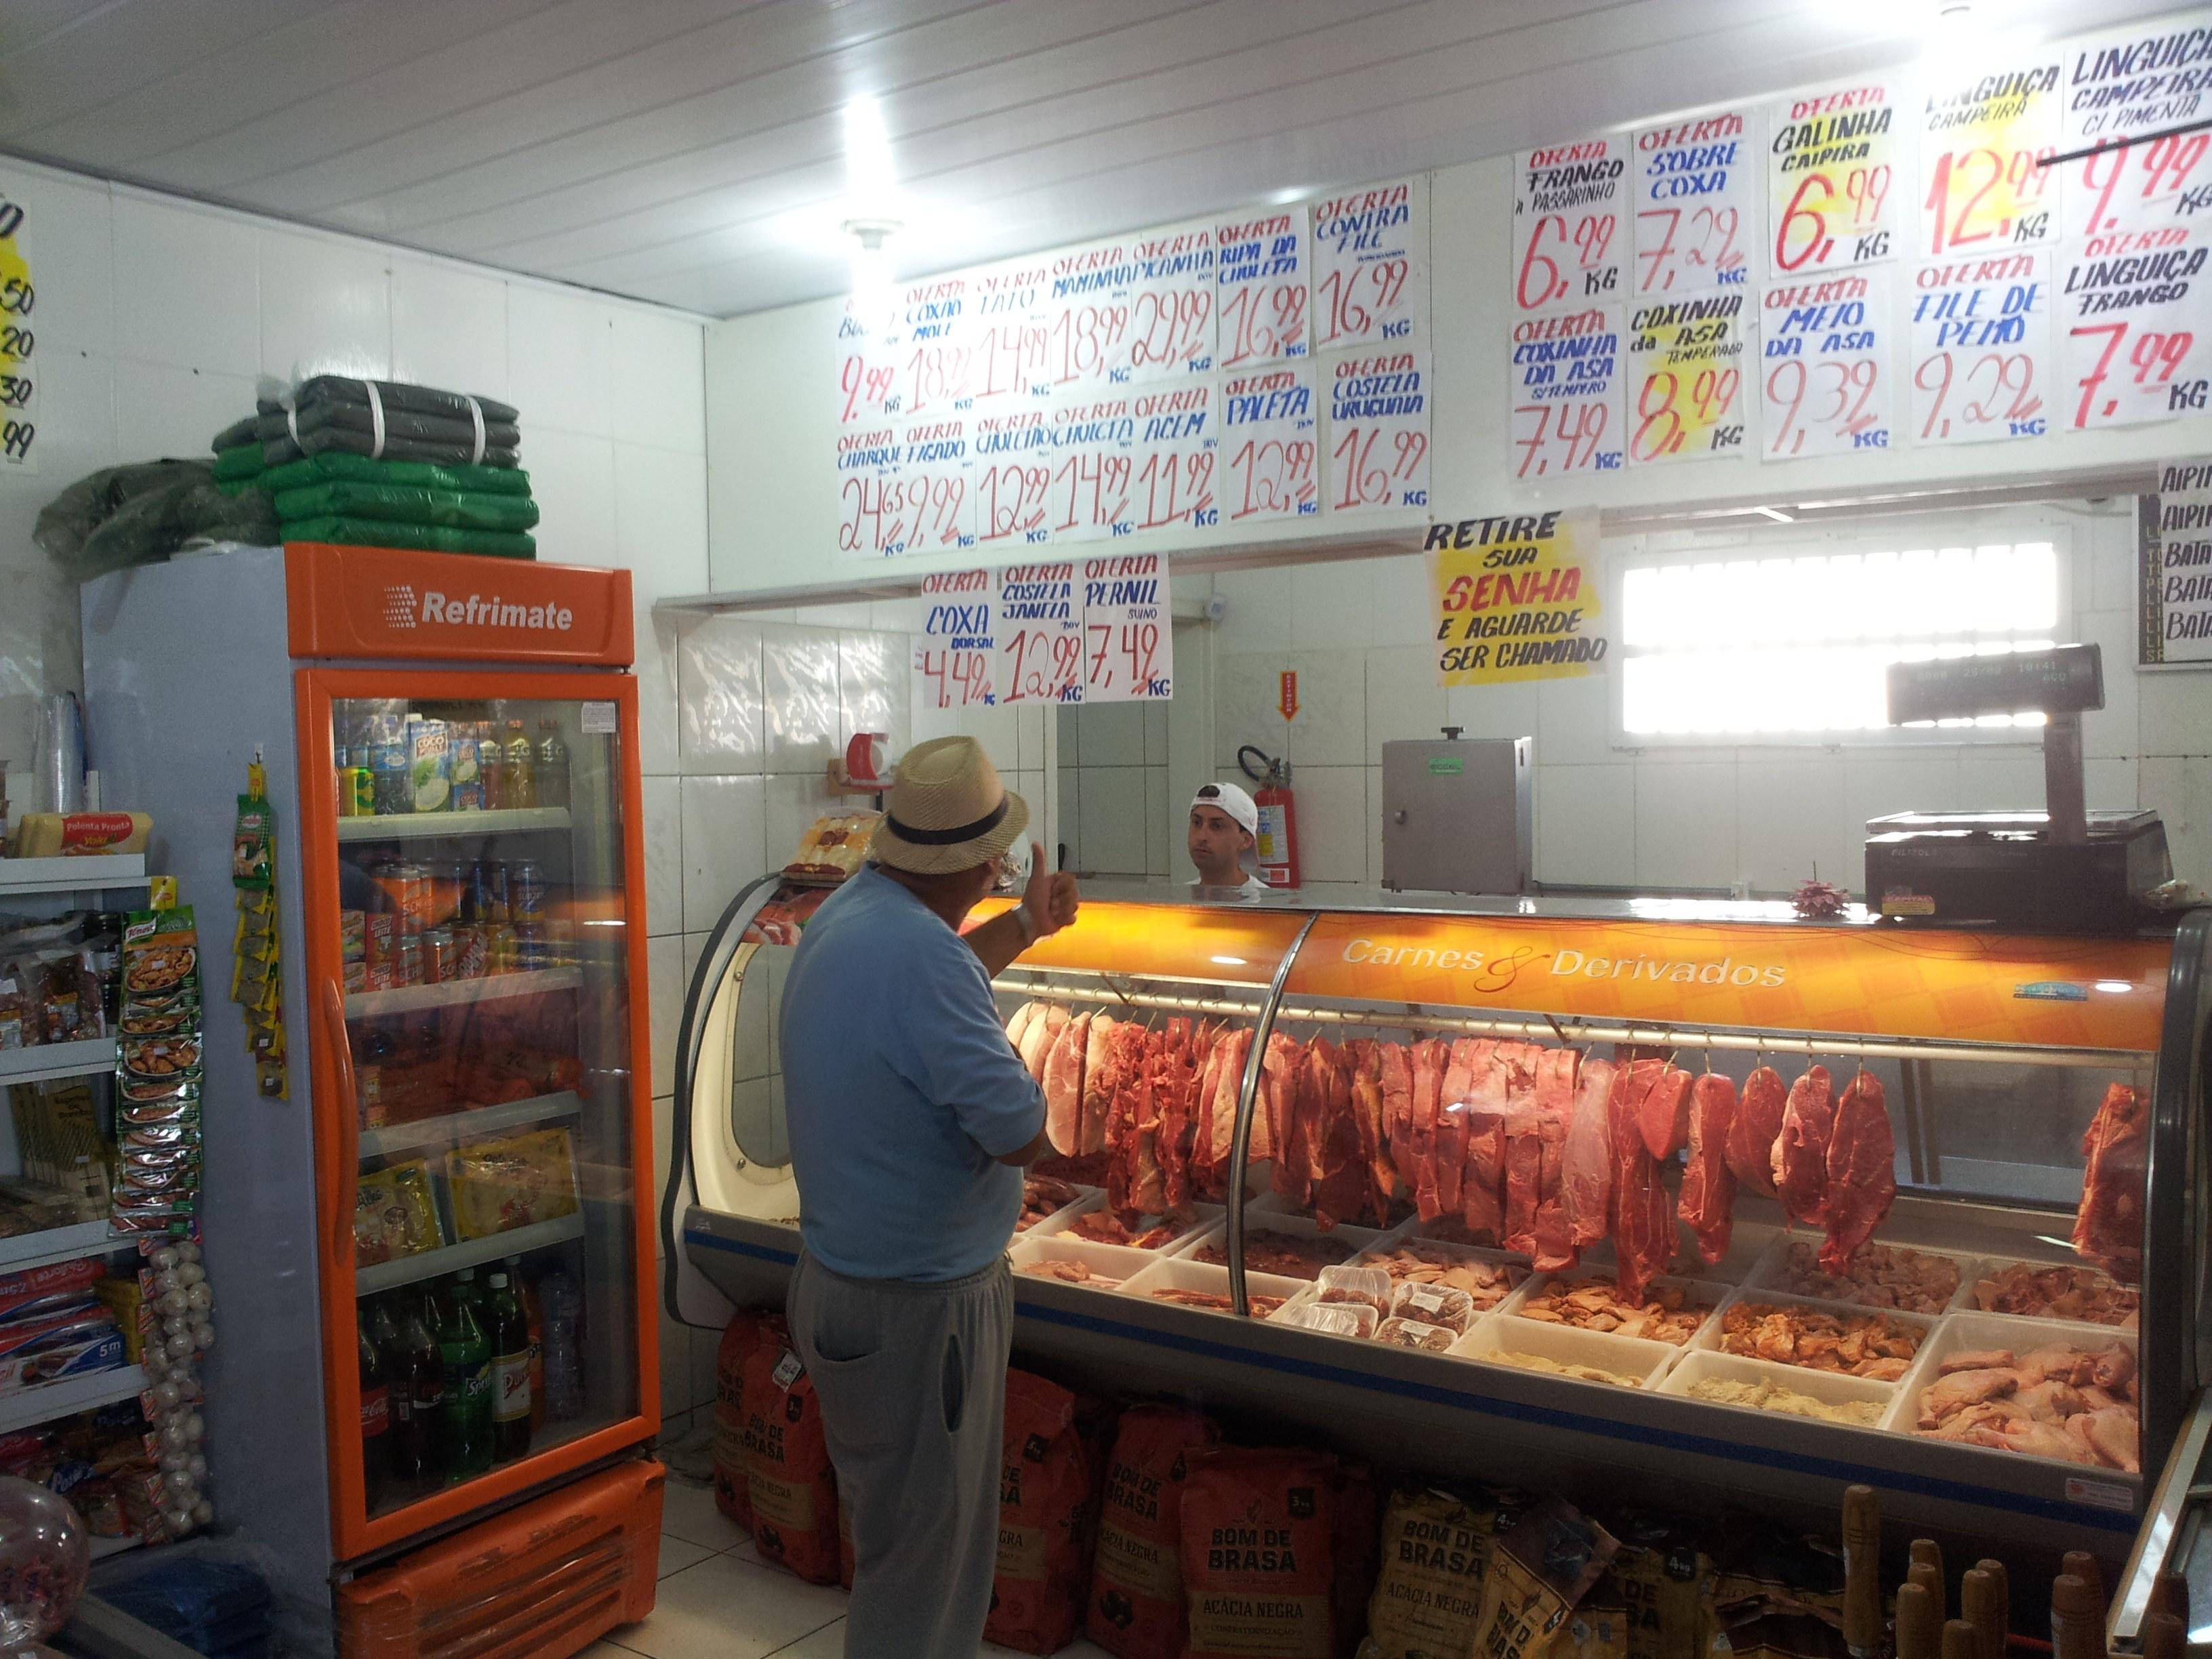 Florianópolis, Playa de los Ingleses, los precios de las carnes. Septiembre 2014